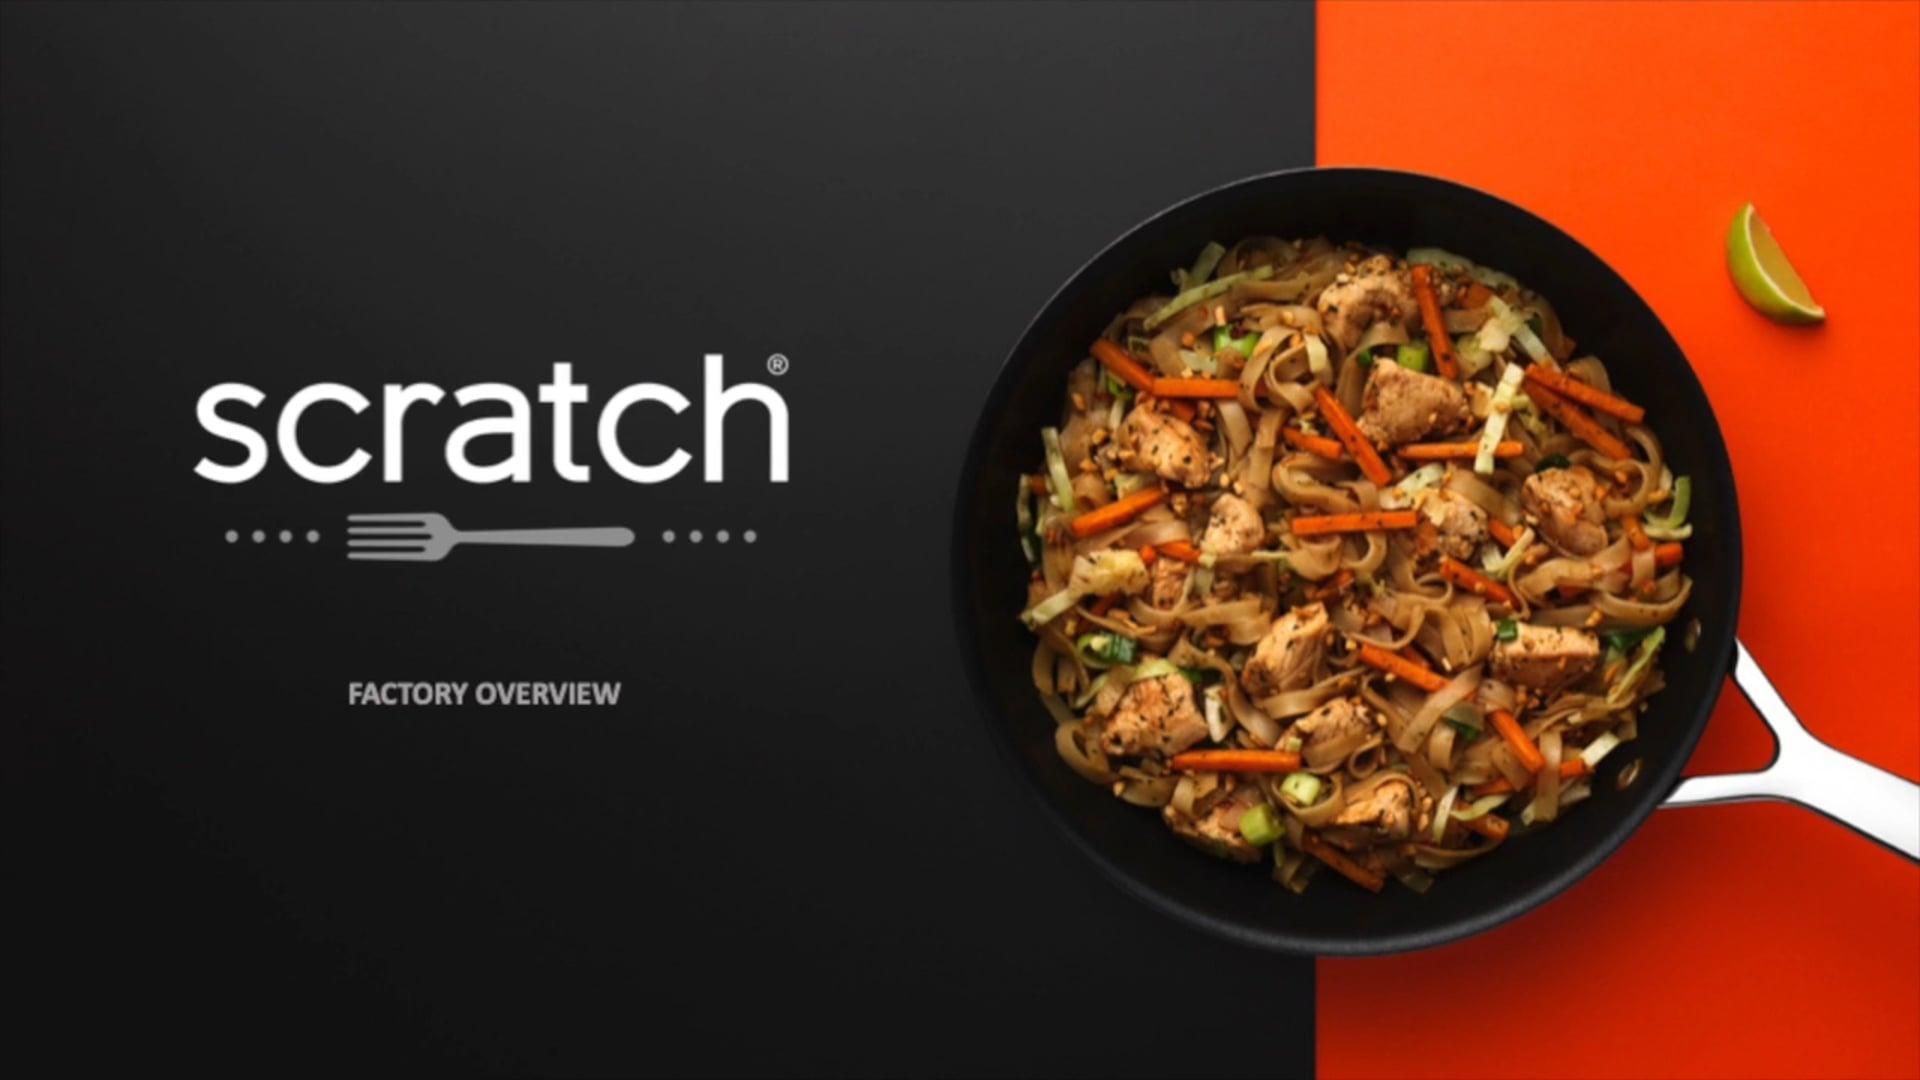 Scratch Meals Factory Tour